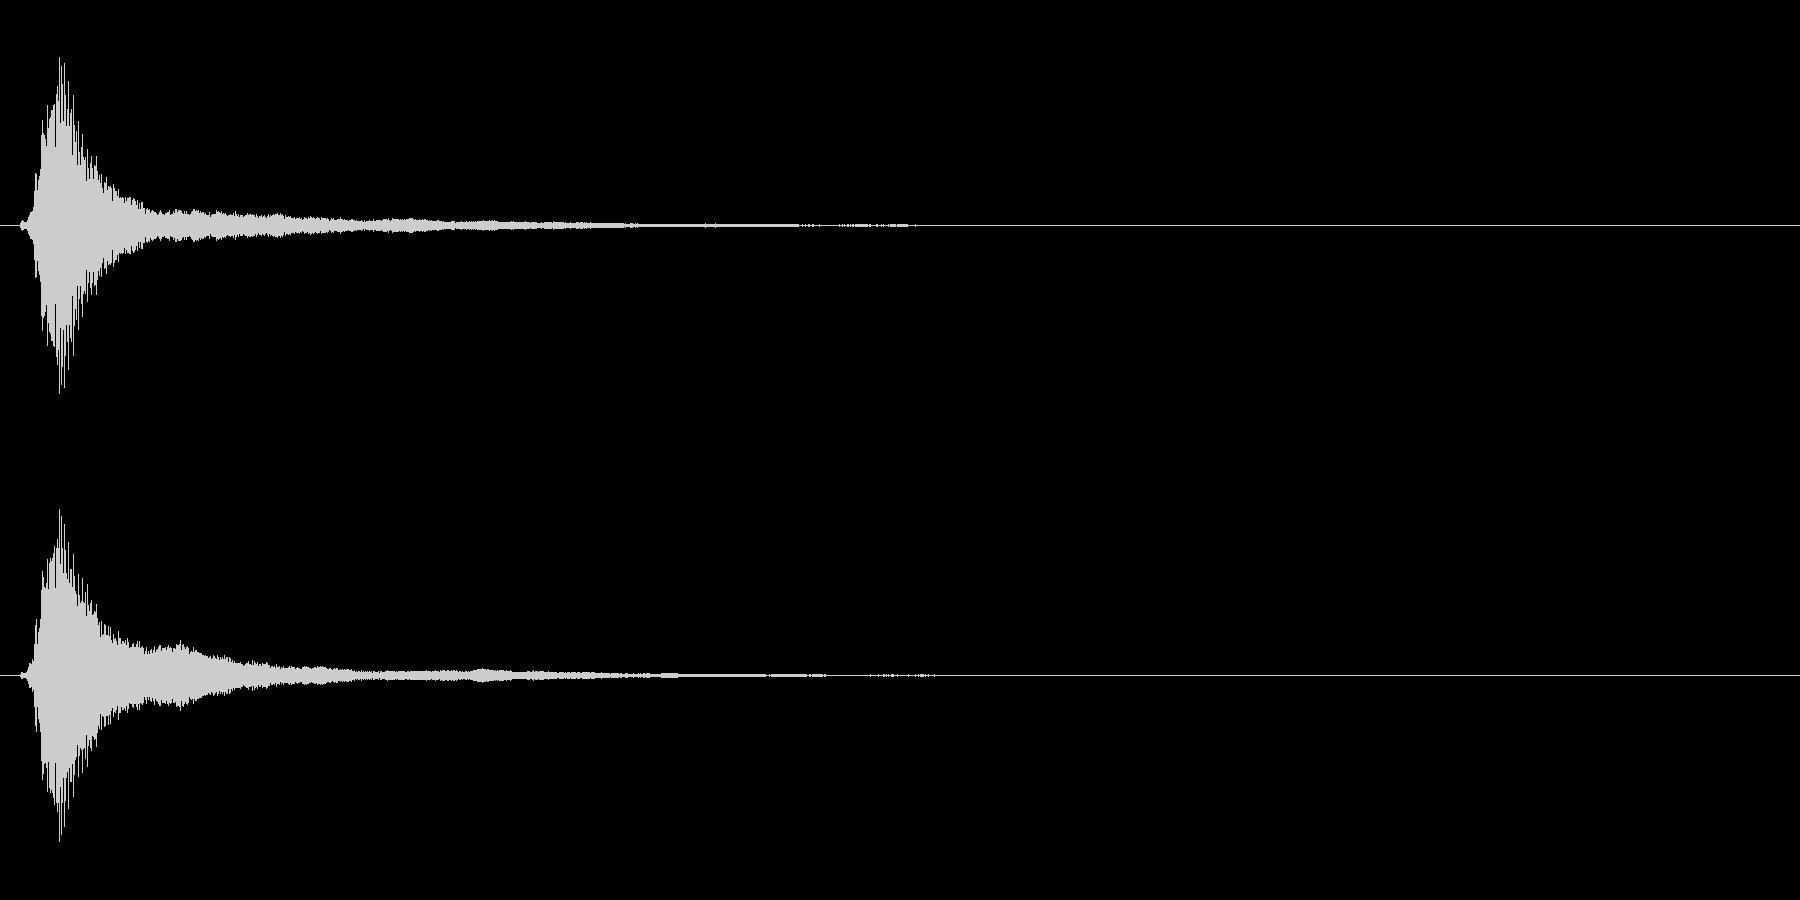 サウンドロゴ(企業ロゴ)_018の未再生の波形